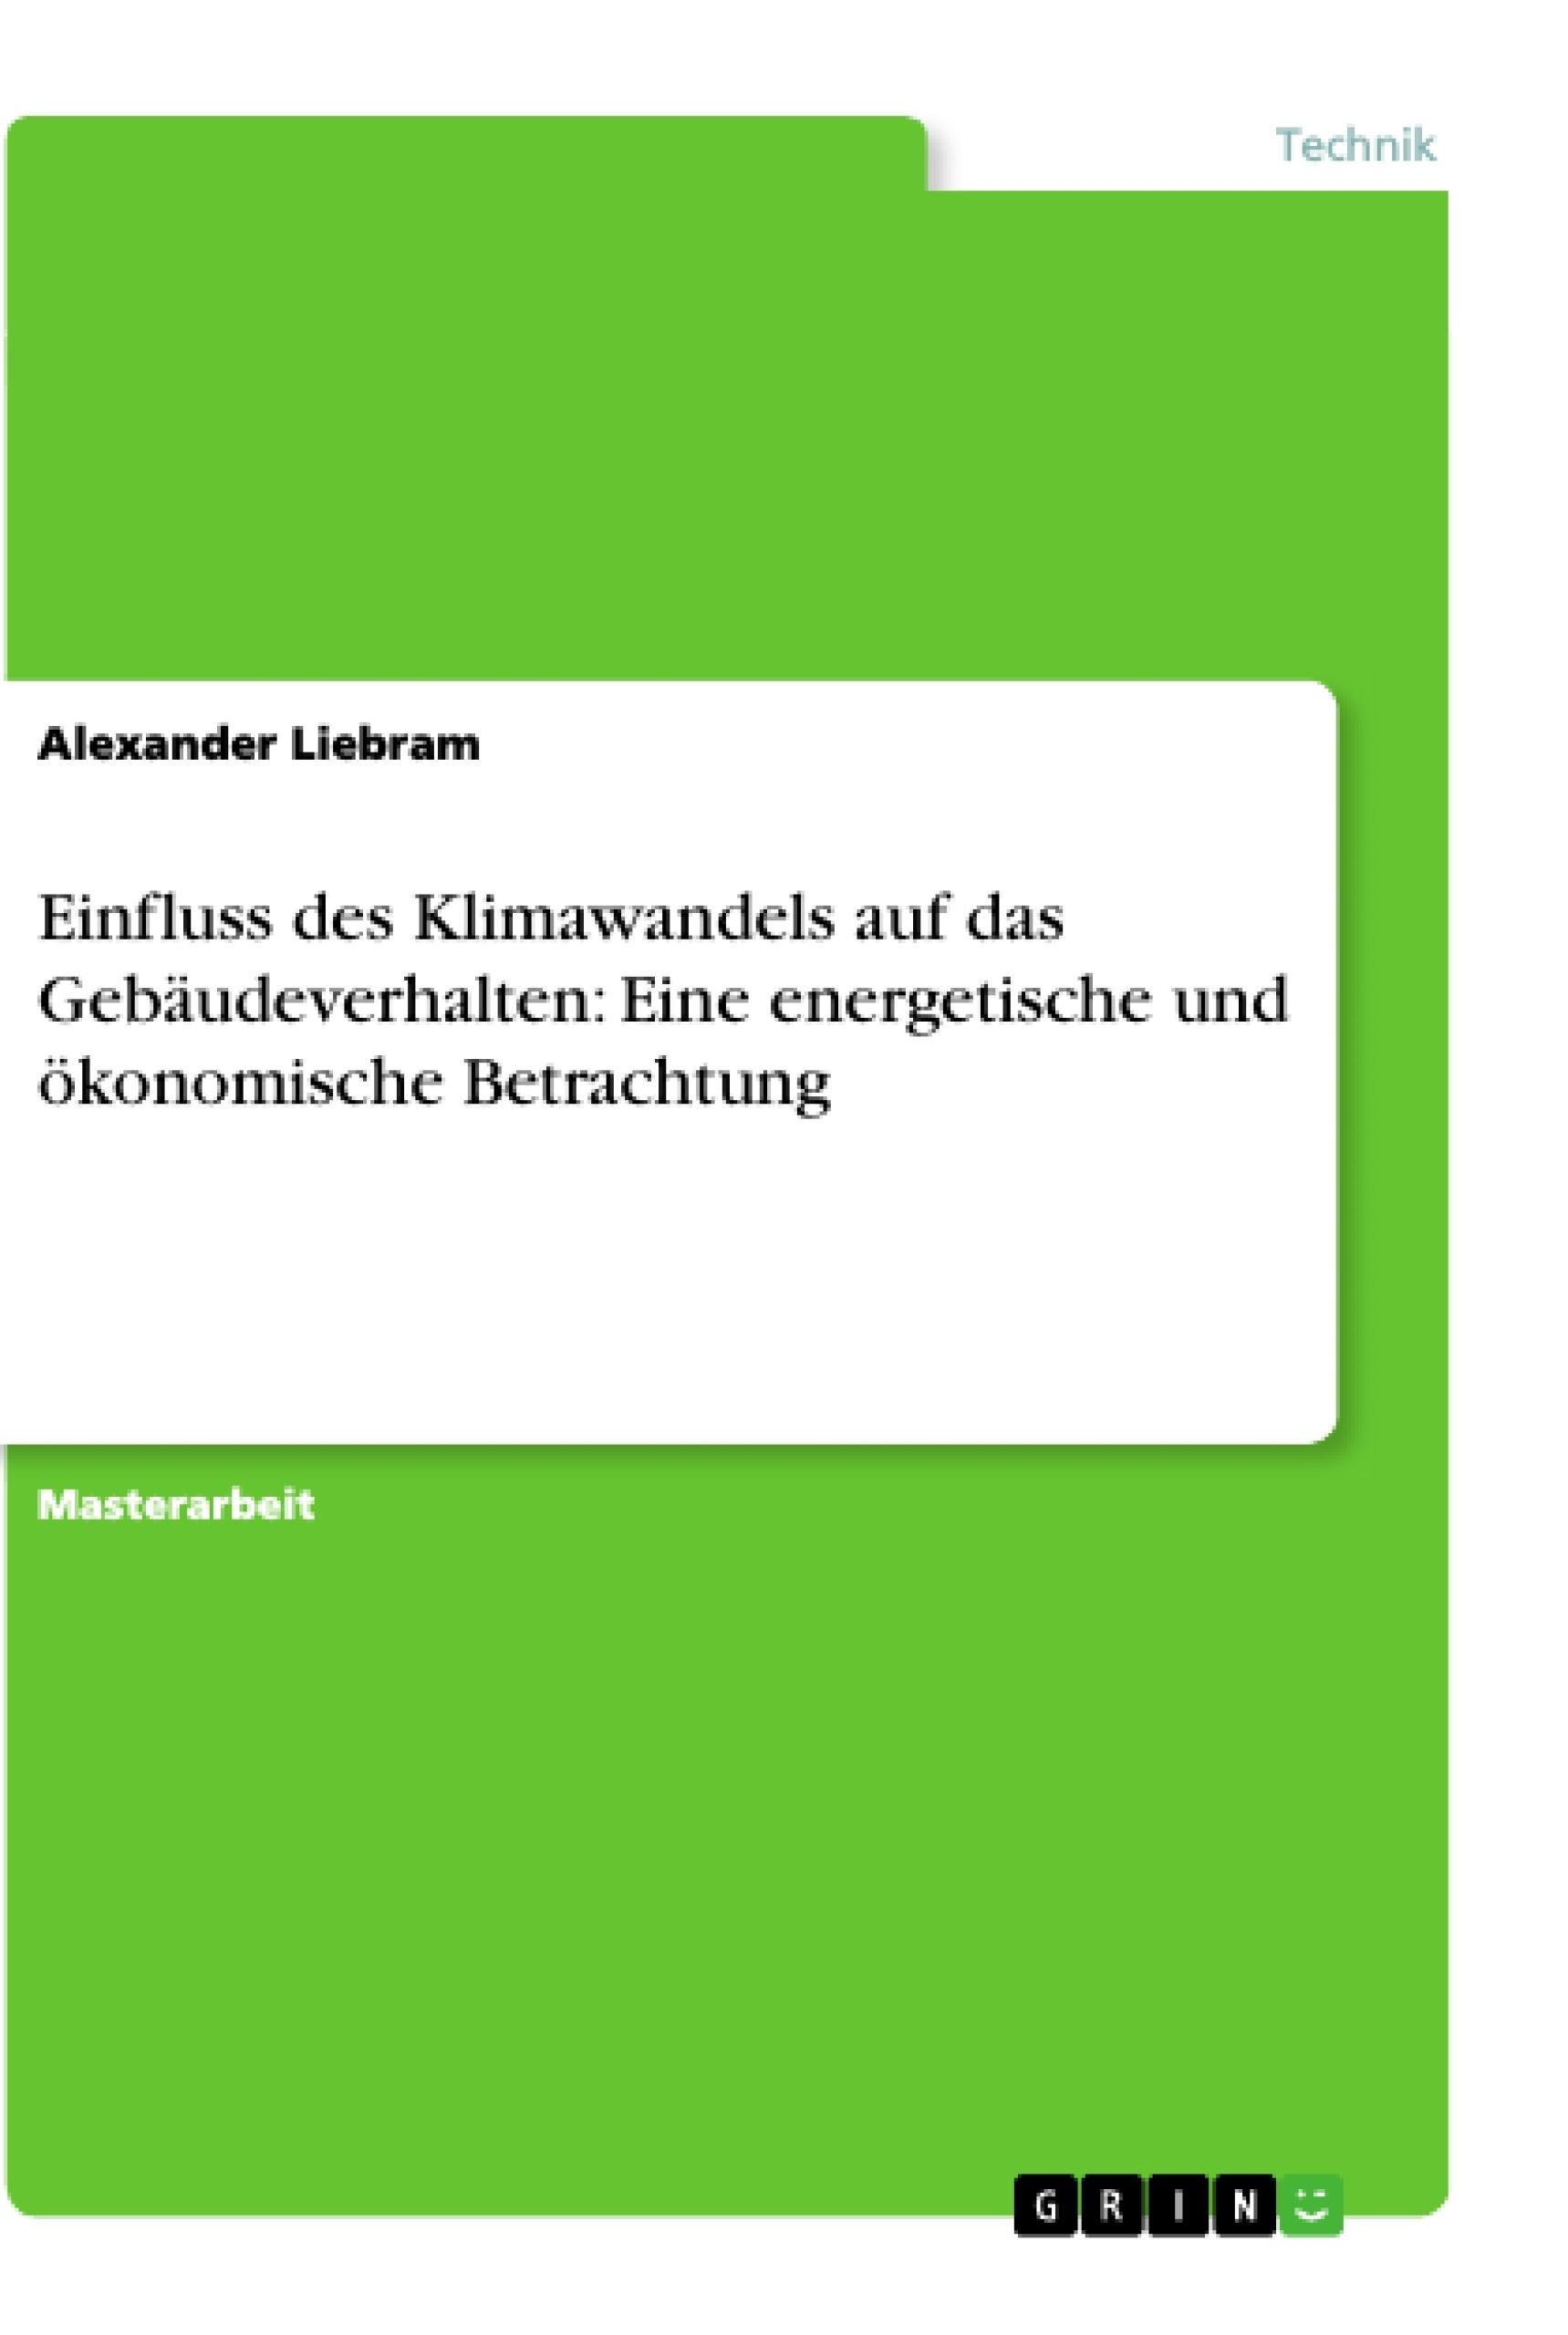 Titel: Einfluss des Klimawandels auf das Gebäudeverhalten: Eine energetische und ökonomische Betrachtung